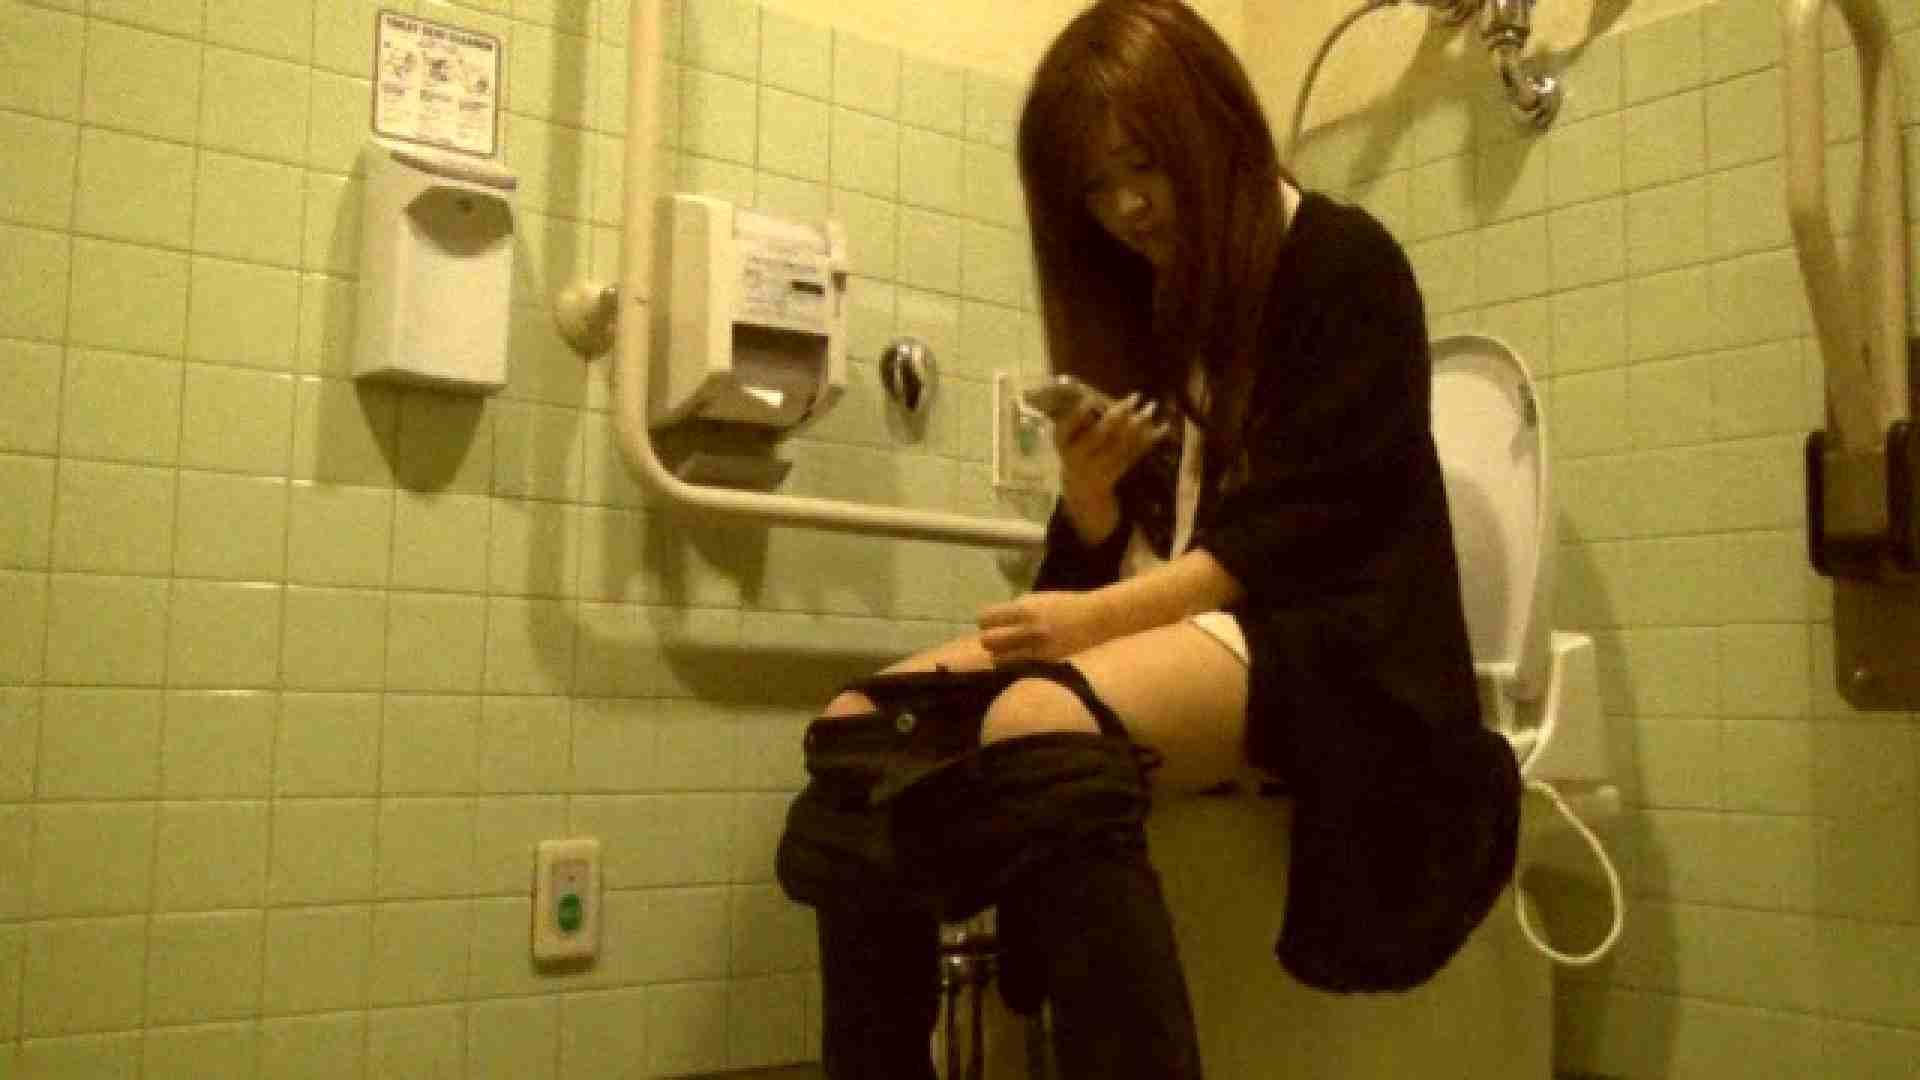 魔術師の お・も・て・な・し vol.26 19歳のバーの店員さんの洗面所をしばし… 洗面所  54連発 24